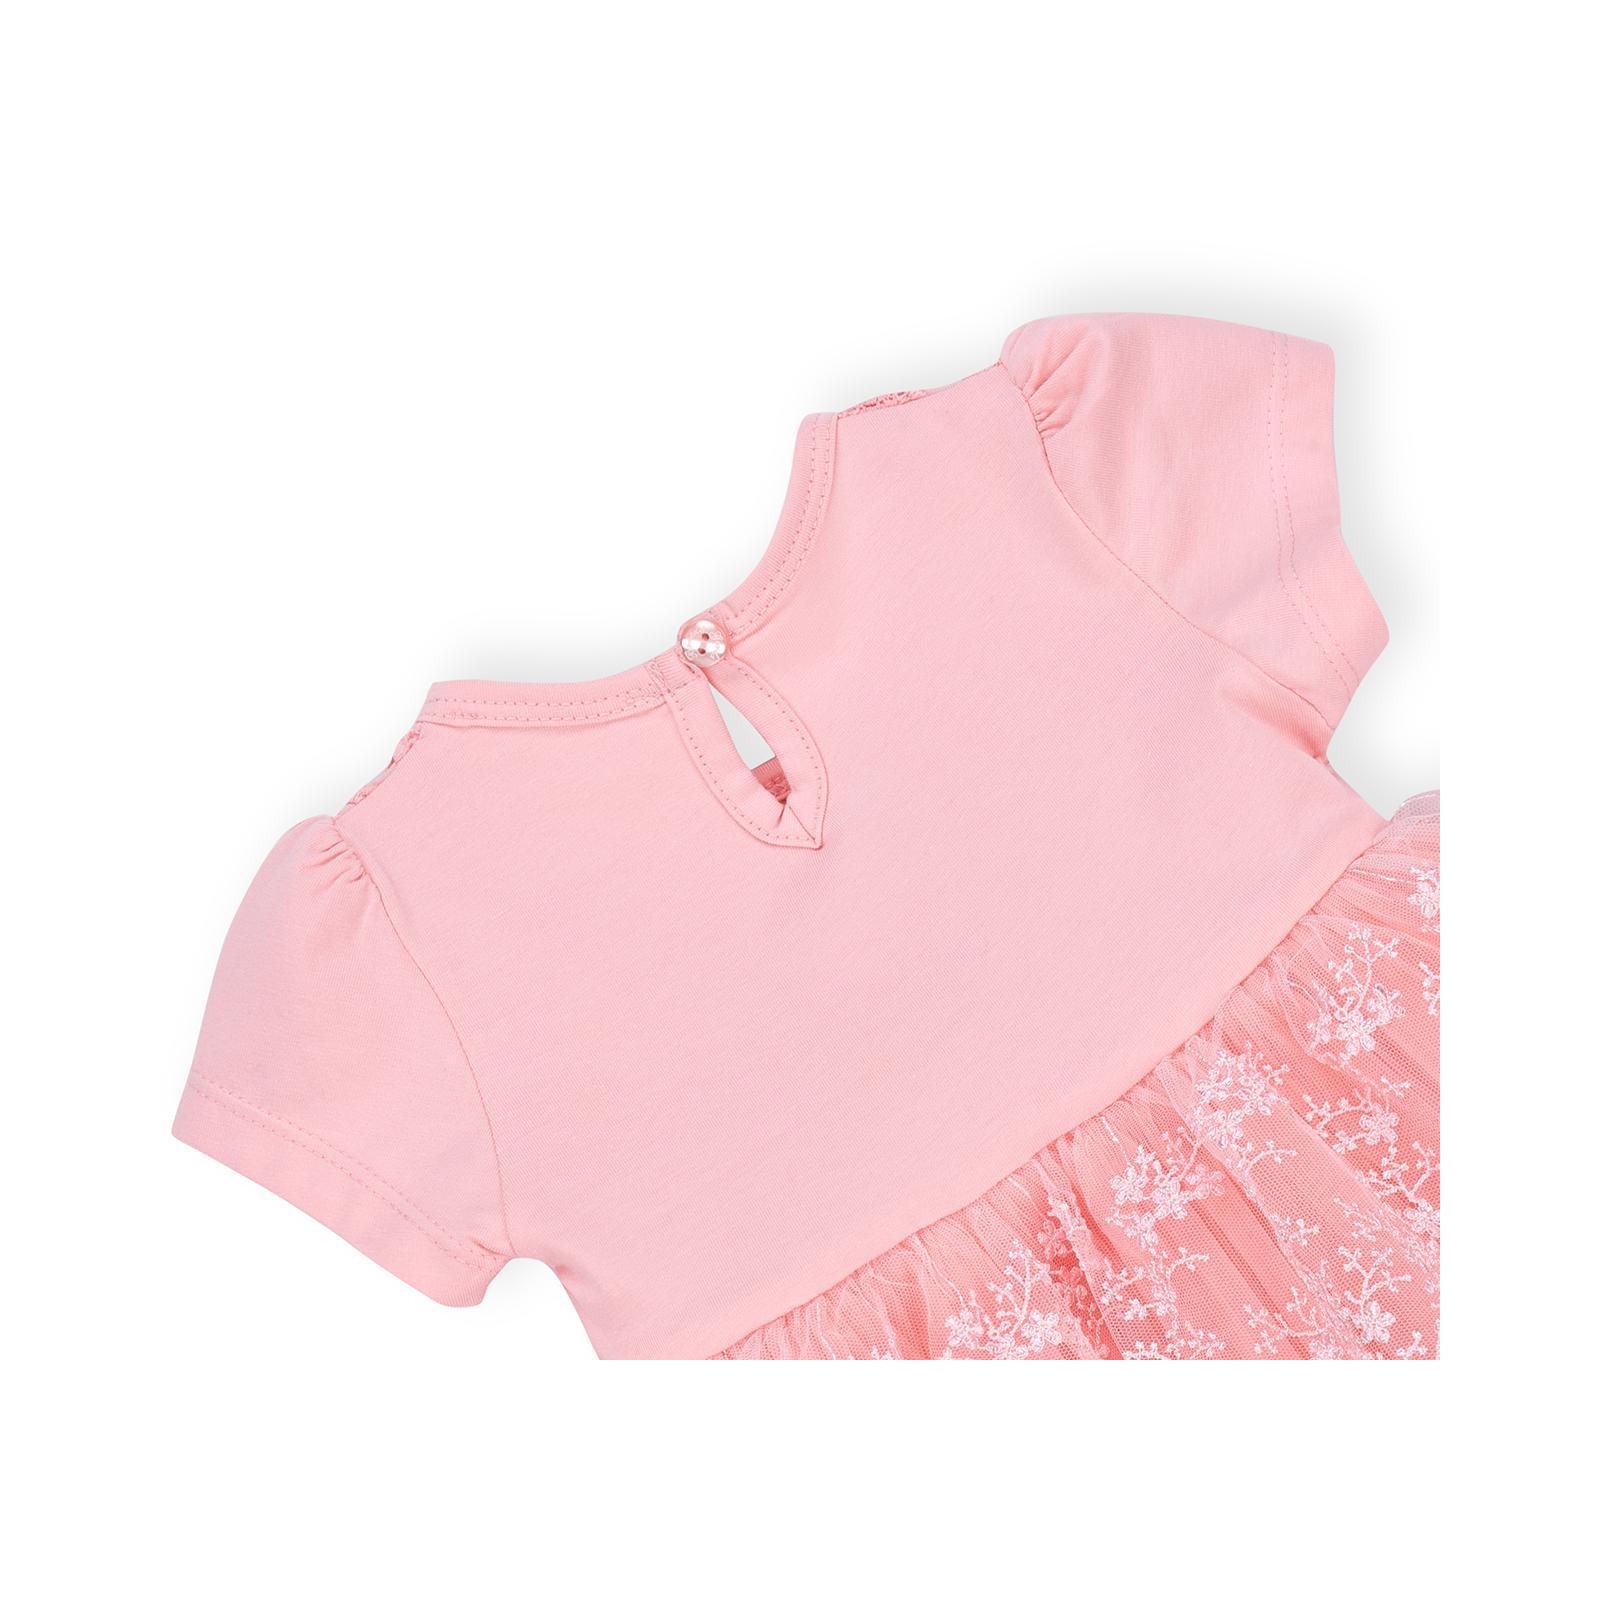 Платье Breeze кружевное с оборками (9011-80G-peach) изображение 4